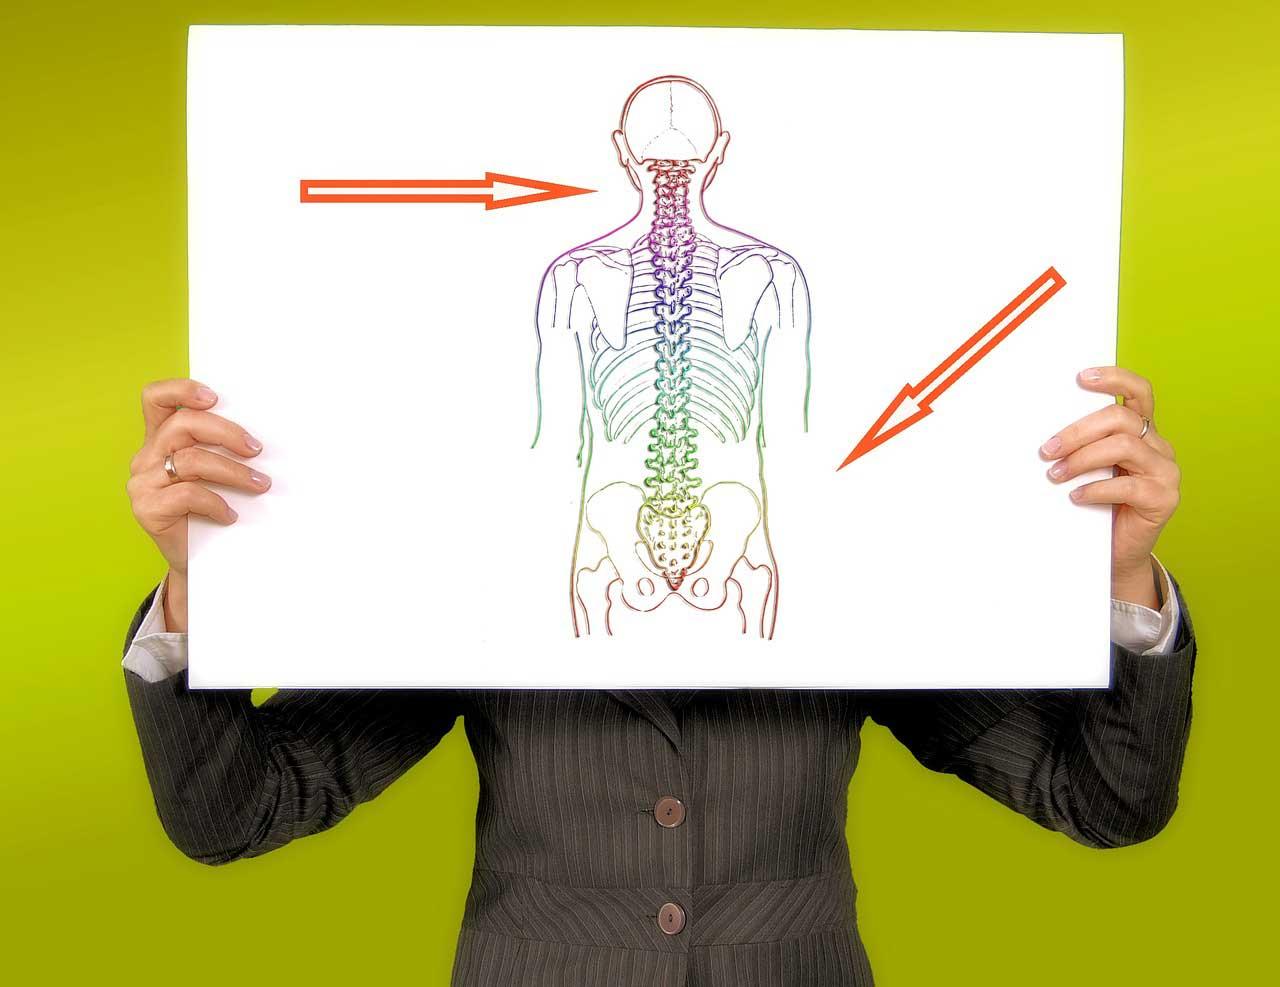 Stoffwechselstörungen - Abweichungen vom normalen Körperstoffwechsel